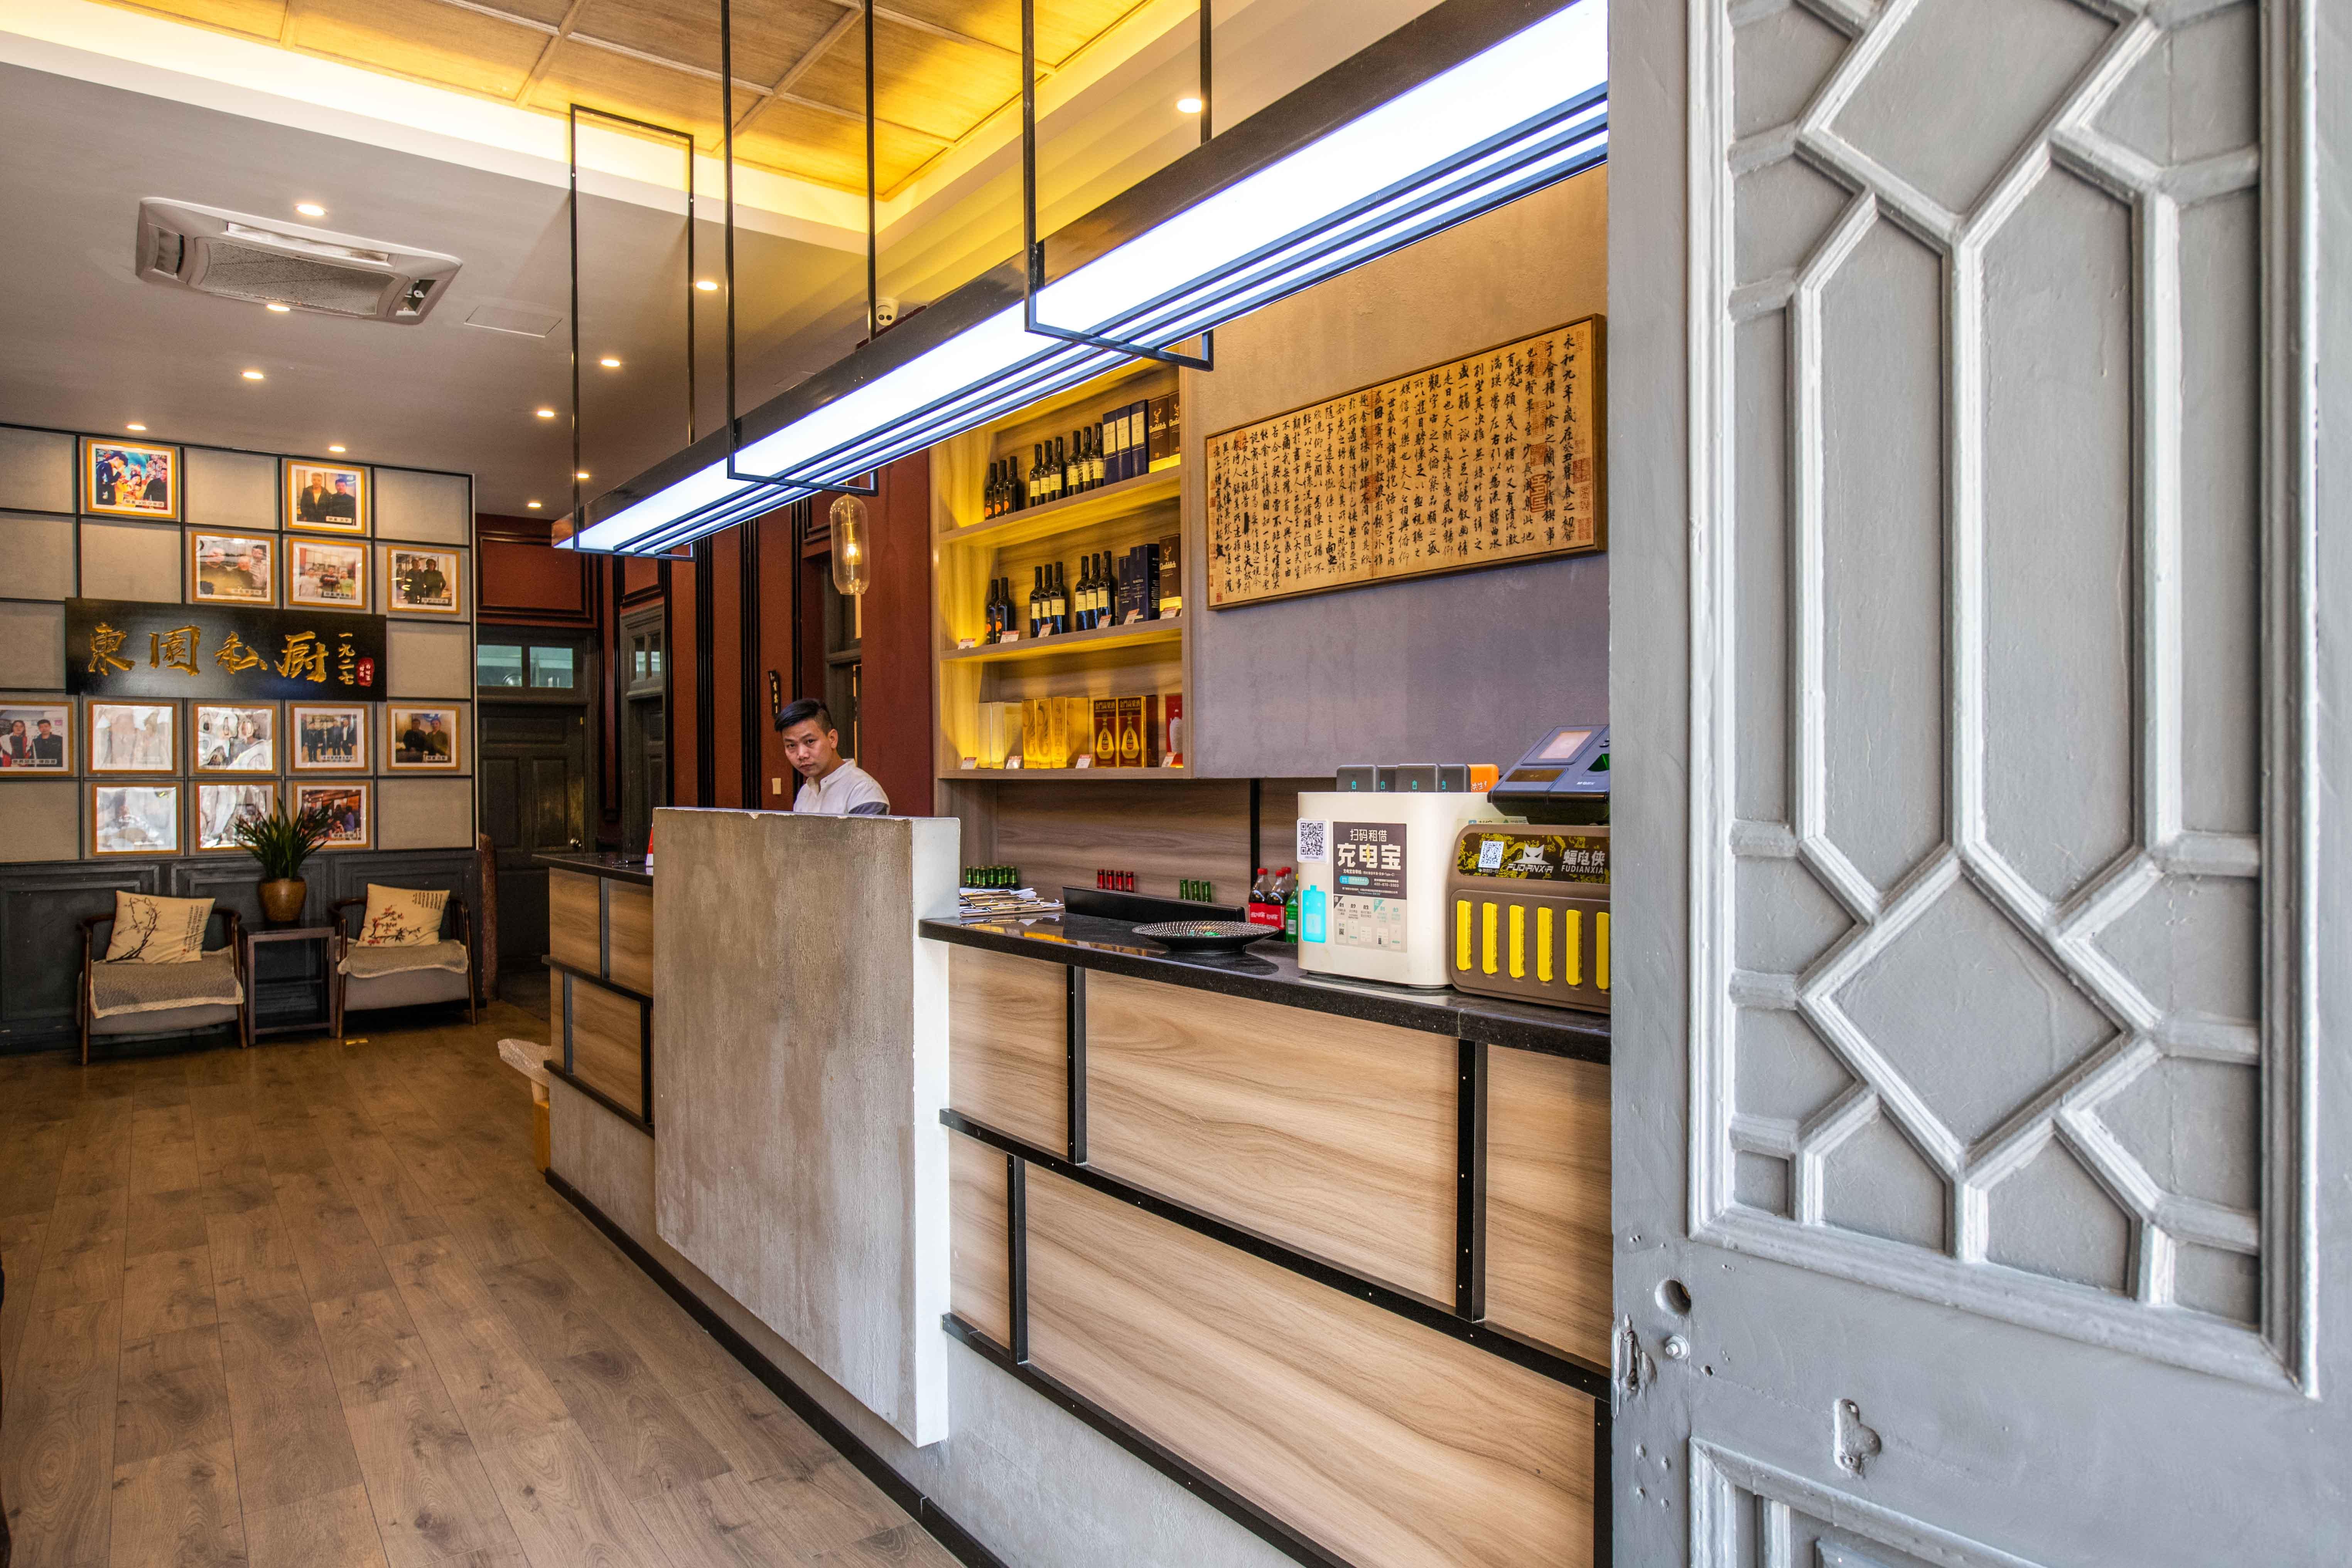 原创             厦门最有格调的私房菜餐厅,藏身于百年别墅内,最适合私人宴请